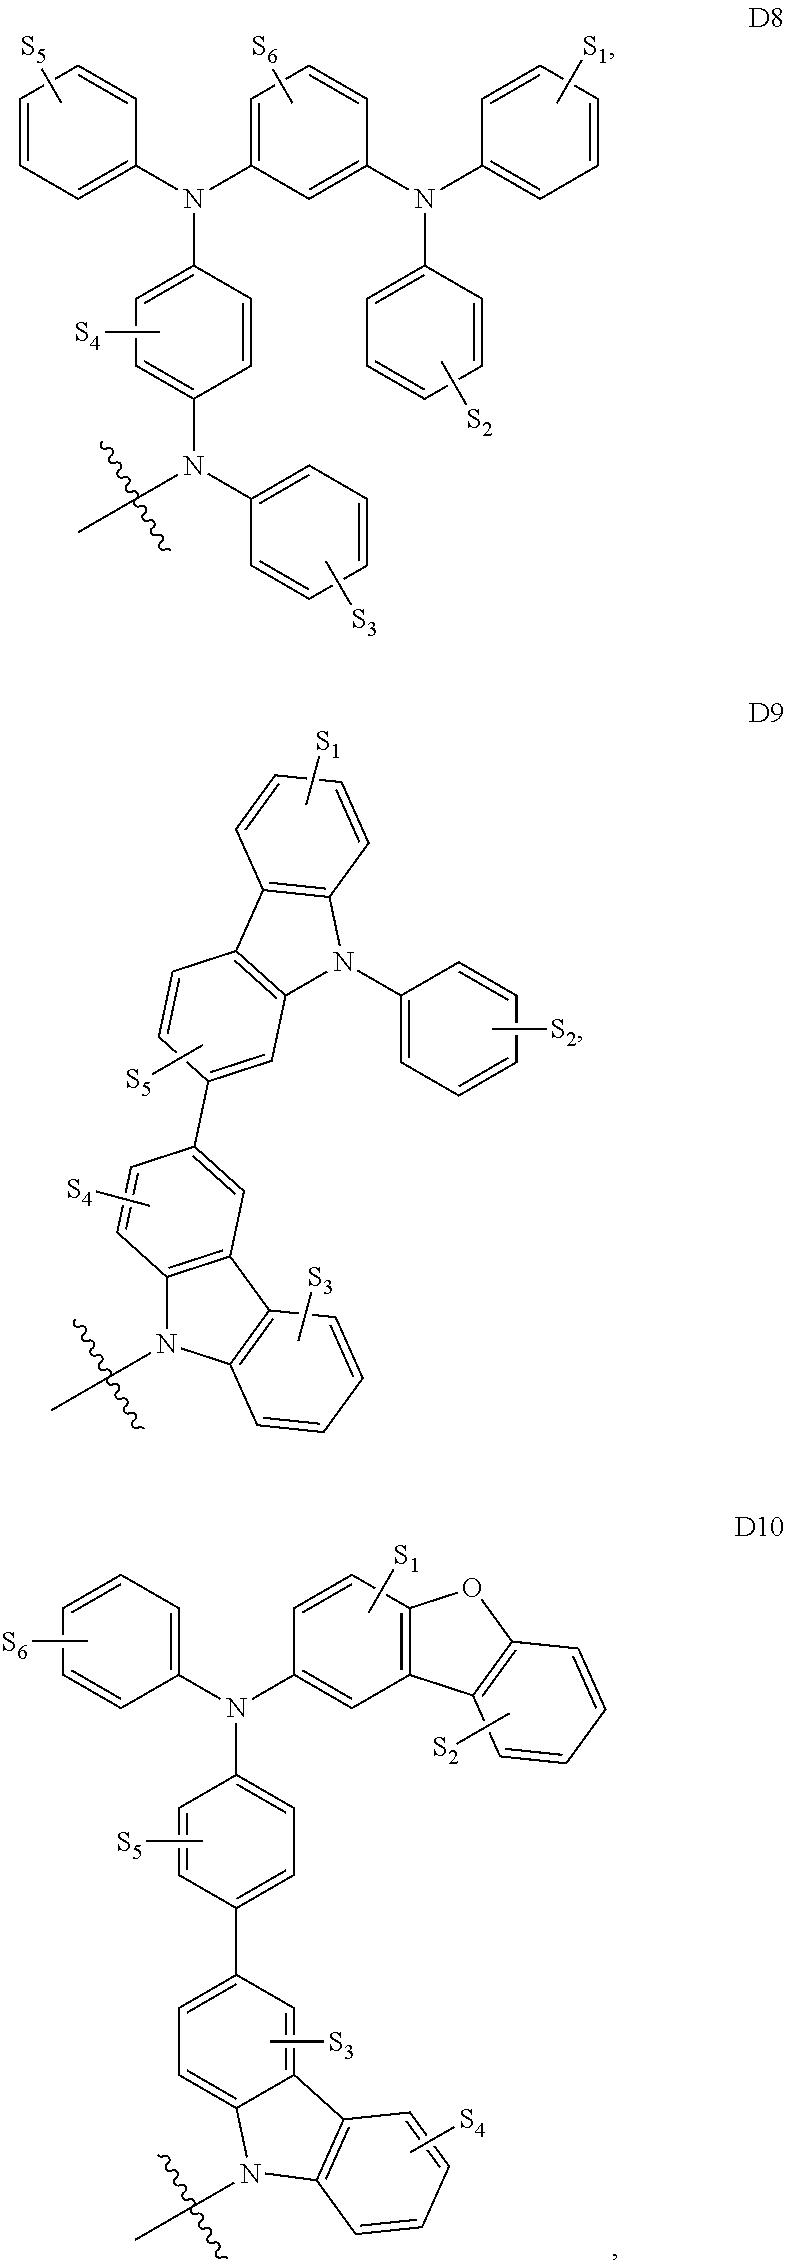 Figure US09324949-20160426-C00005